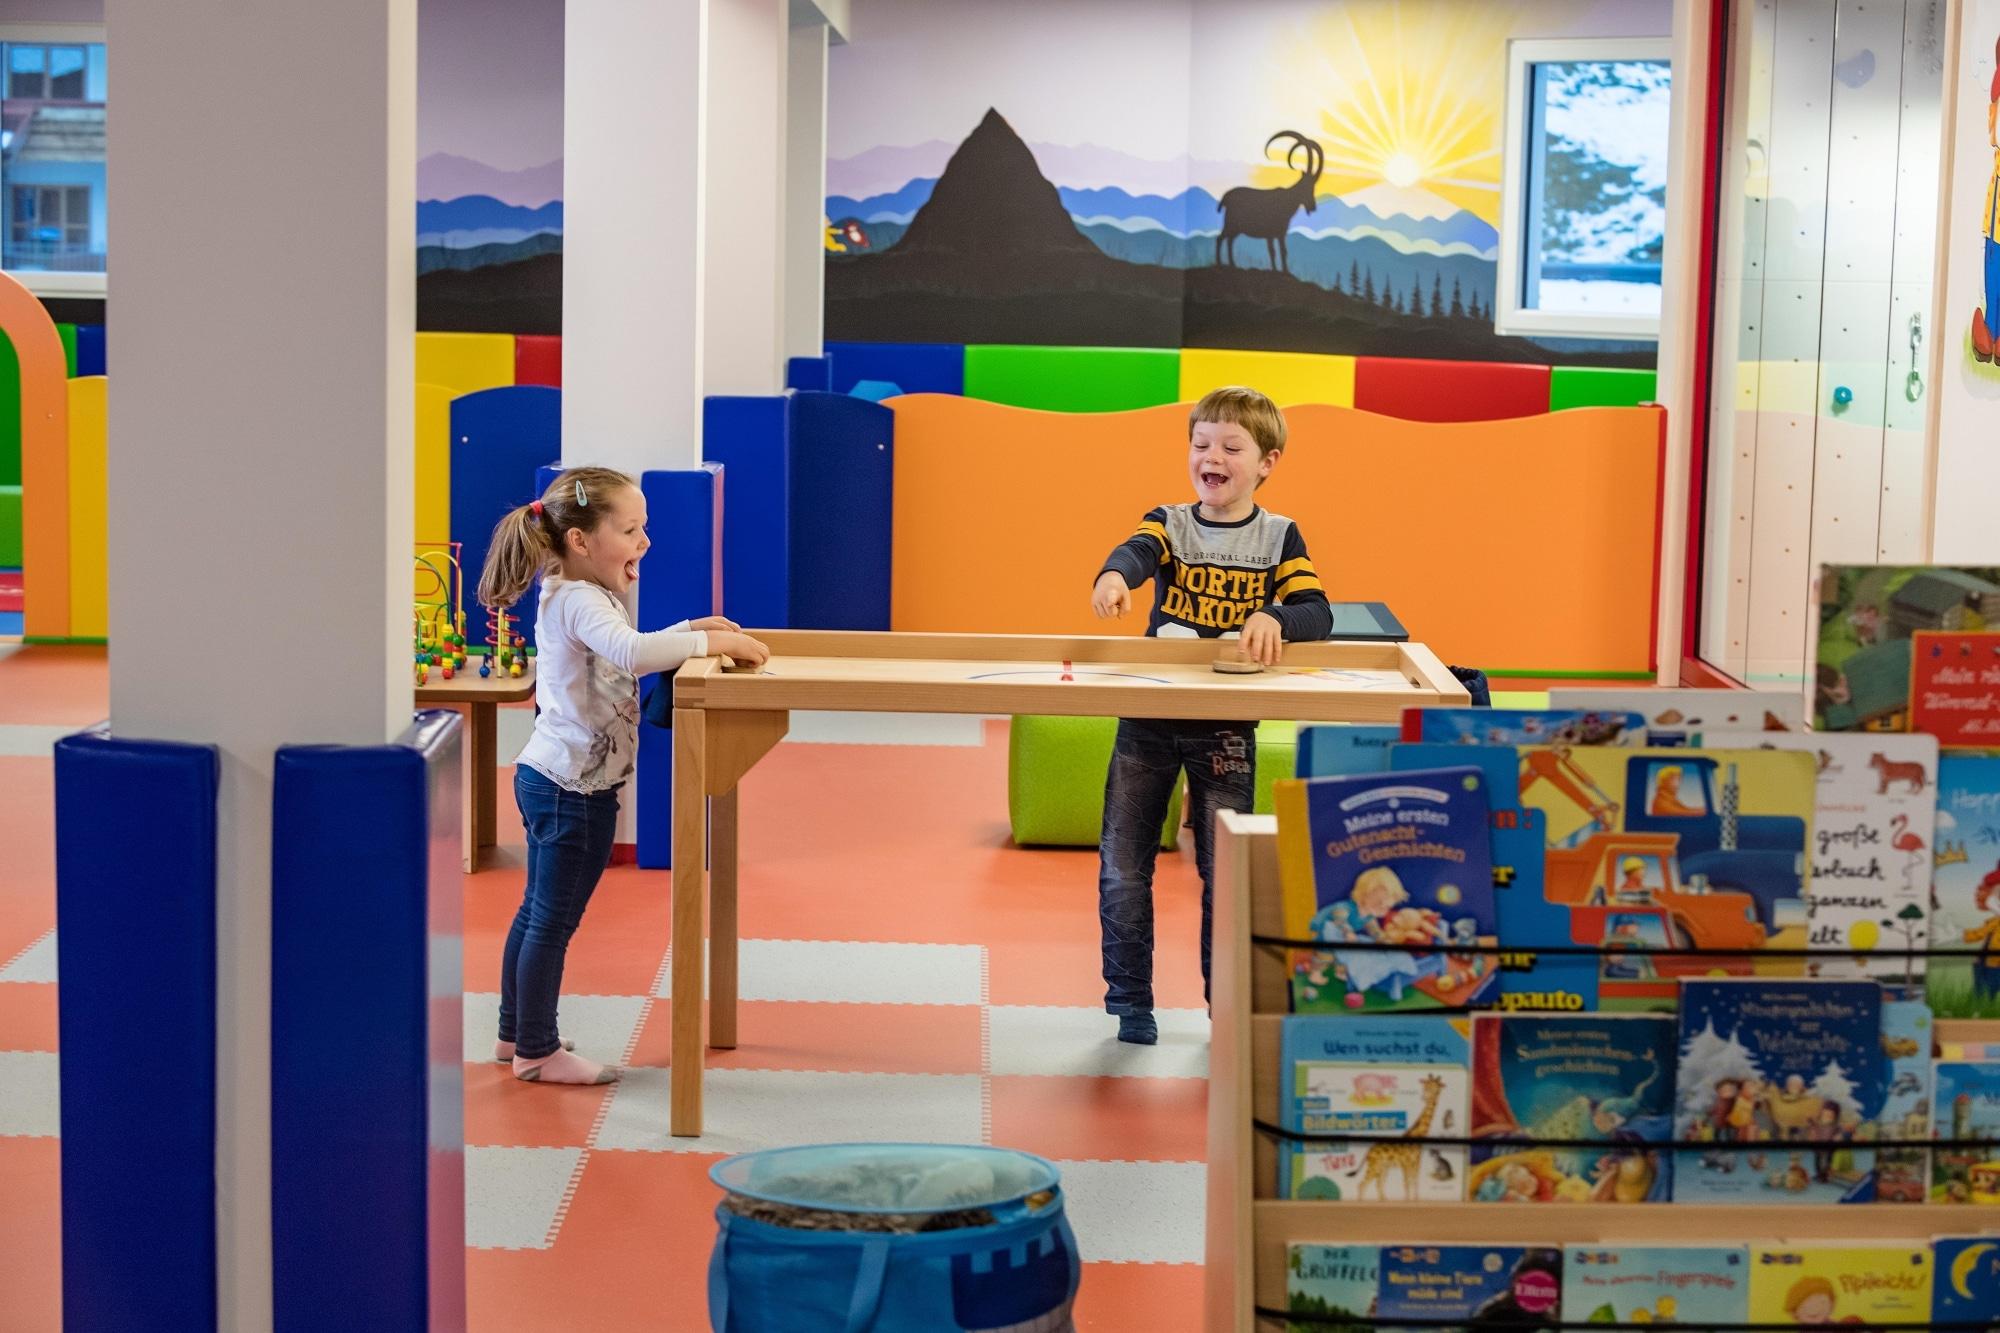 Kinder beim Spielen in der Erlebniswelt im Familienhotel Zauchenseehof